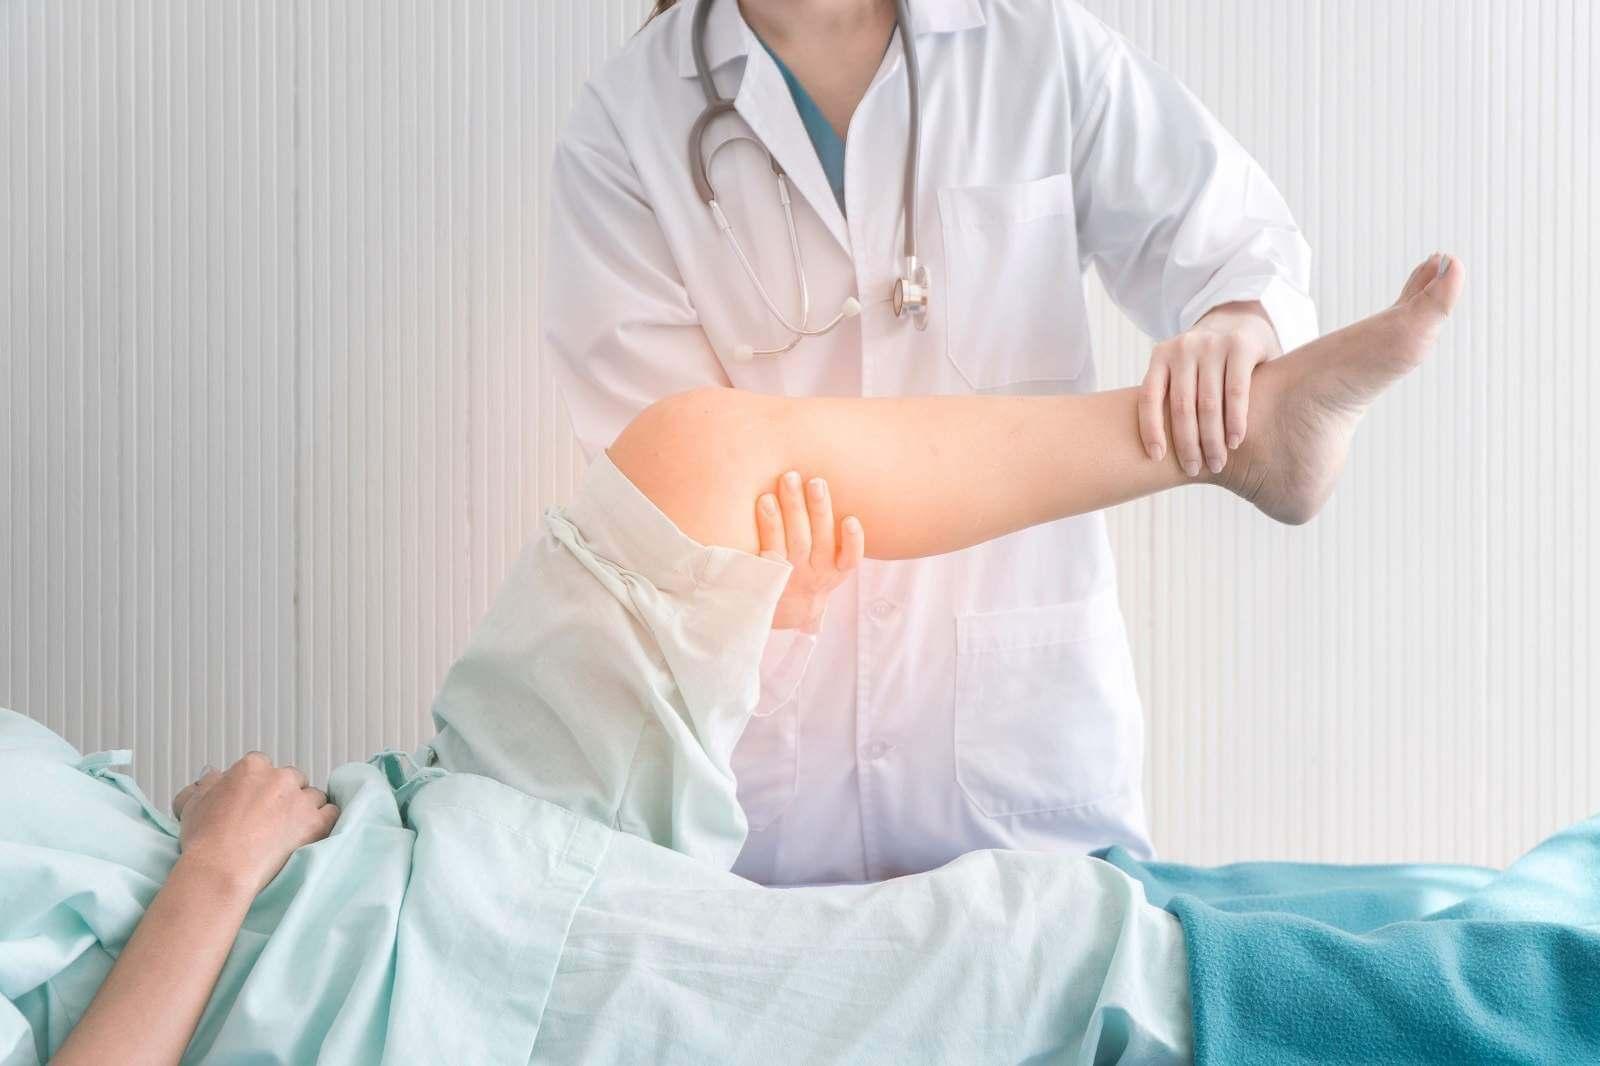 врач делает массаж и ЛФК